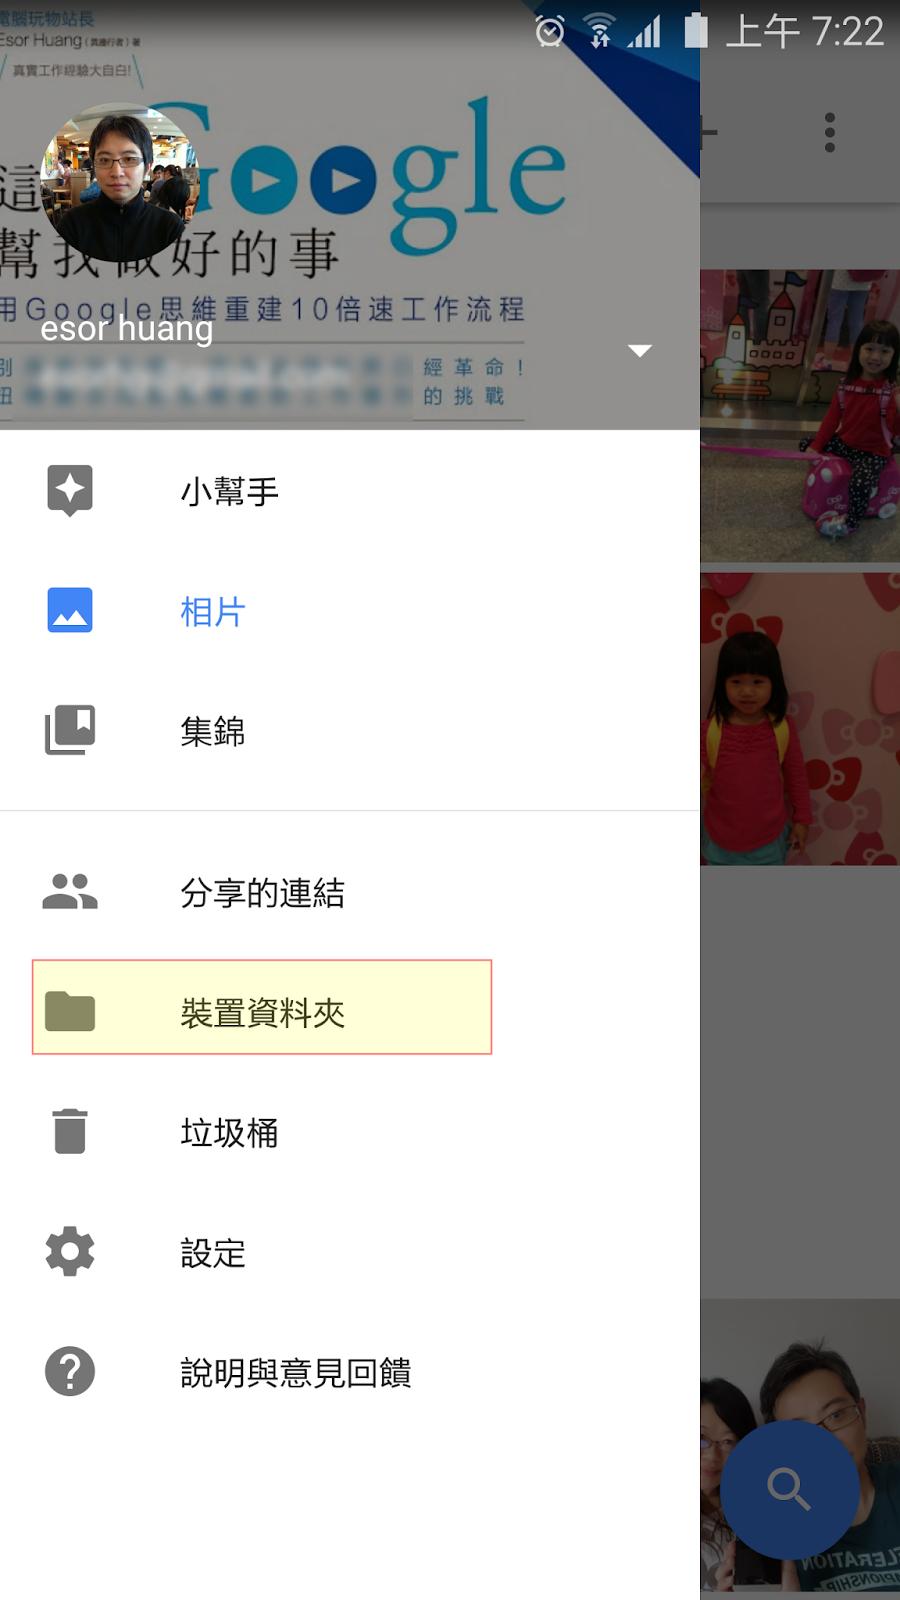 2017年 Android App 下載推薦(上):我目前的真實安裝清單 - TechNow 當代科技 | TechNow 當代科技